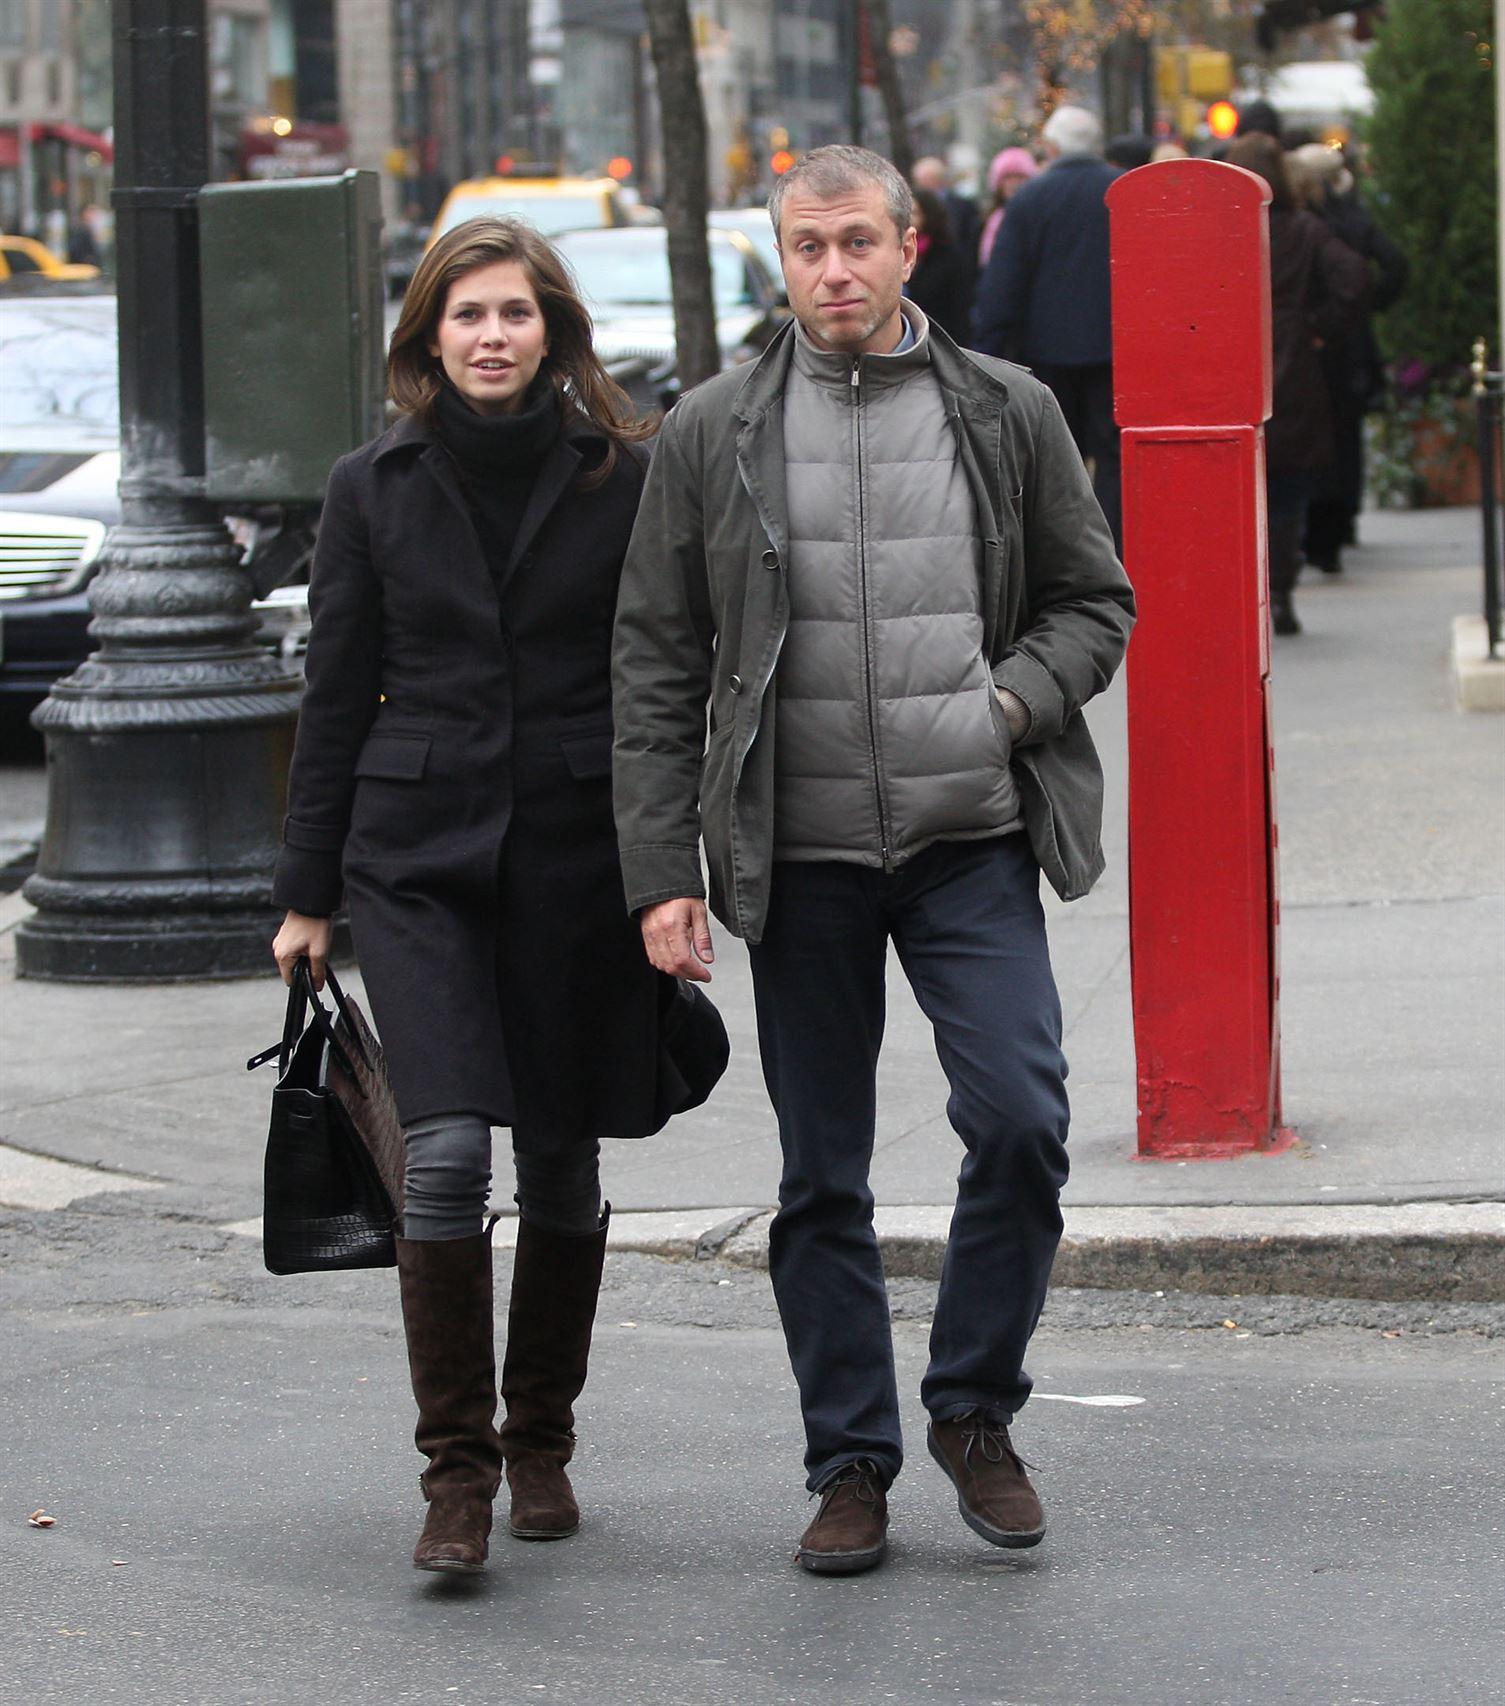 Roman Abramovich and Darya Zhukova